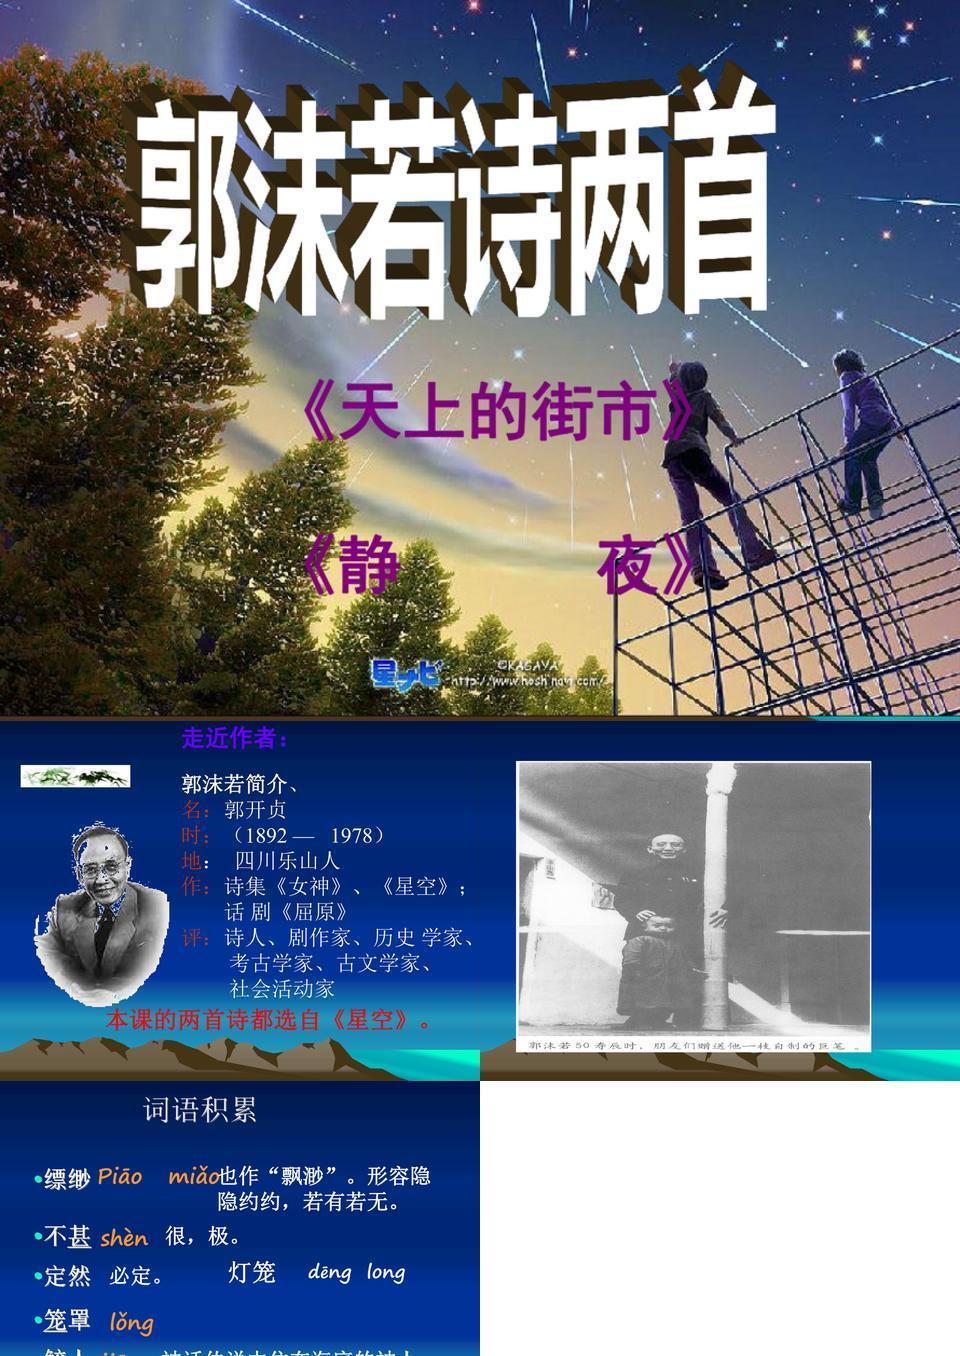 27课—郭沫若诗两首(作者郭沫若).ppt